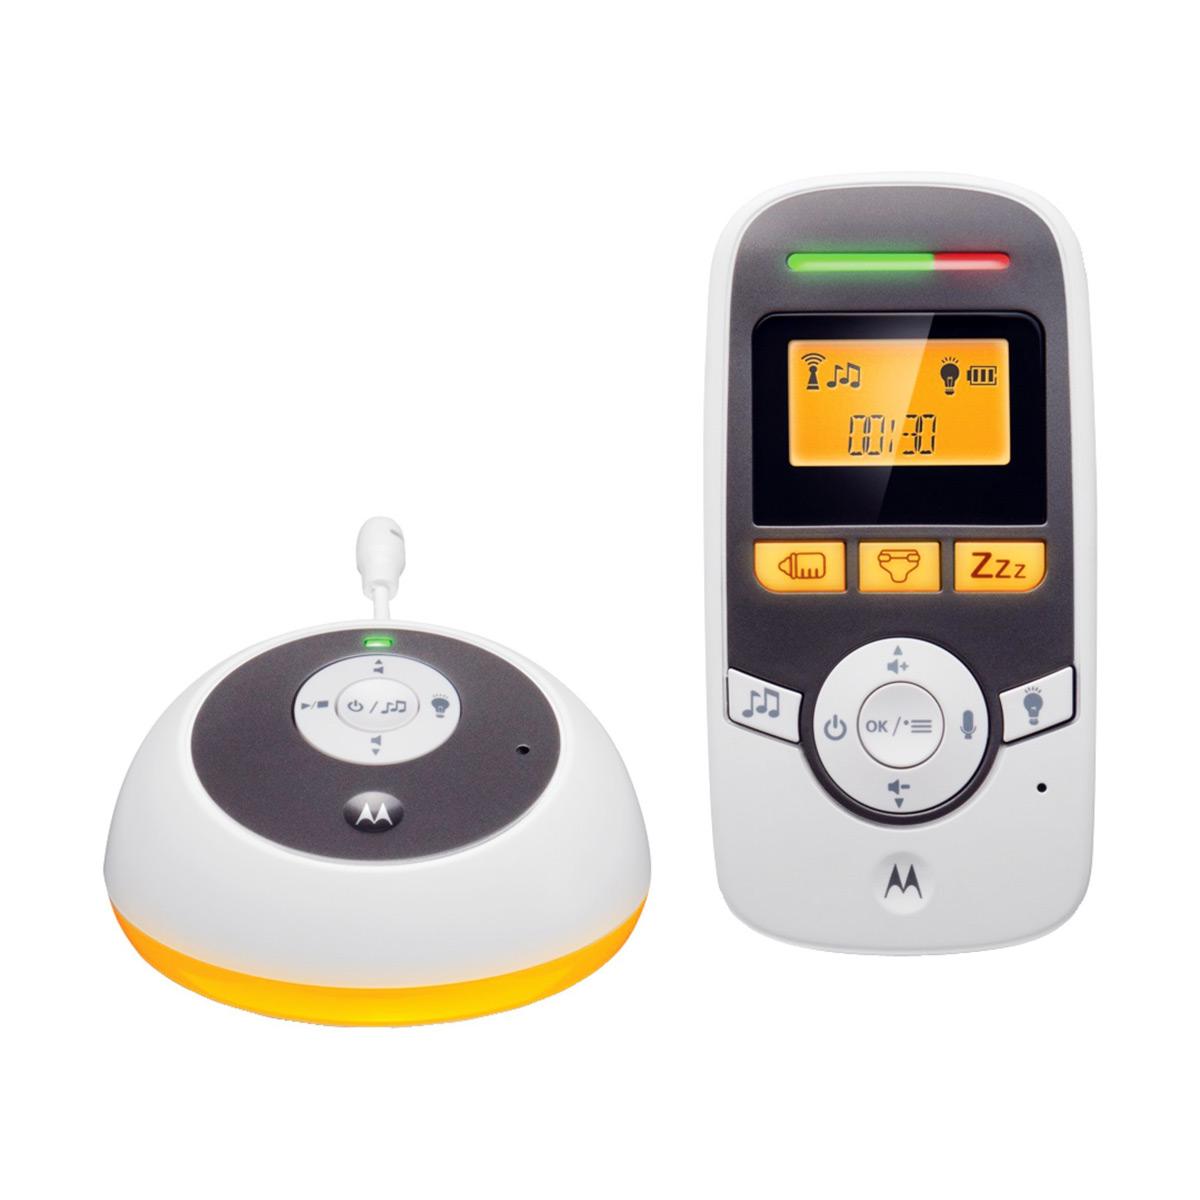 Радионяня Motorola MBP161 TIMERУстройство работает в режиме цифровой передачи информации DECT, который обеспечивает 100% защиту от помех. При работе радионяня не конфликтует с WiFi устройствами. Радиус действия - до 300 метров на открытом пространстве и до 50 метров в помещении. Родительский и детский блоки работают в двухстороннем режиме . Радионяня MBP161Timer благодаря функции VOX передает только звуки ребенка и не реагирует на посторонние шумы. Есть таймер смены подгузников. Есть встроенный датчик измерения температуры в комнате малыша. Предусмотрена сигнализация о входящем сигнале при минимально установленной громкости. Родительский блок с удобной подставкой. Родительский блок запитан от аккумулятора 400 мАч. Детский блок работает от сети.<br>